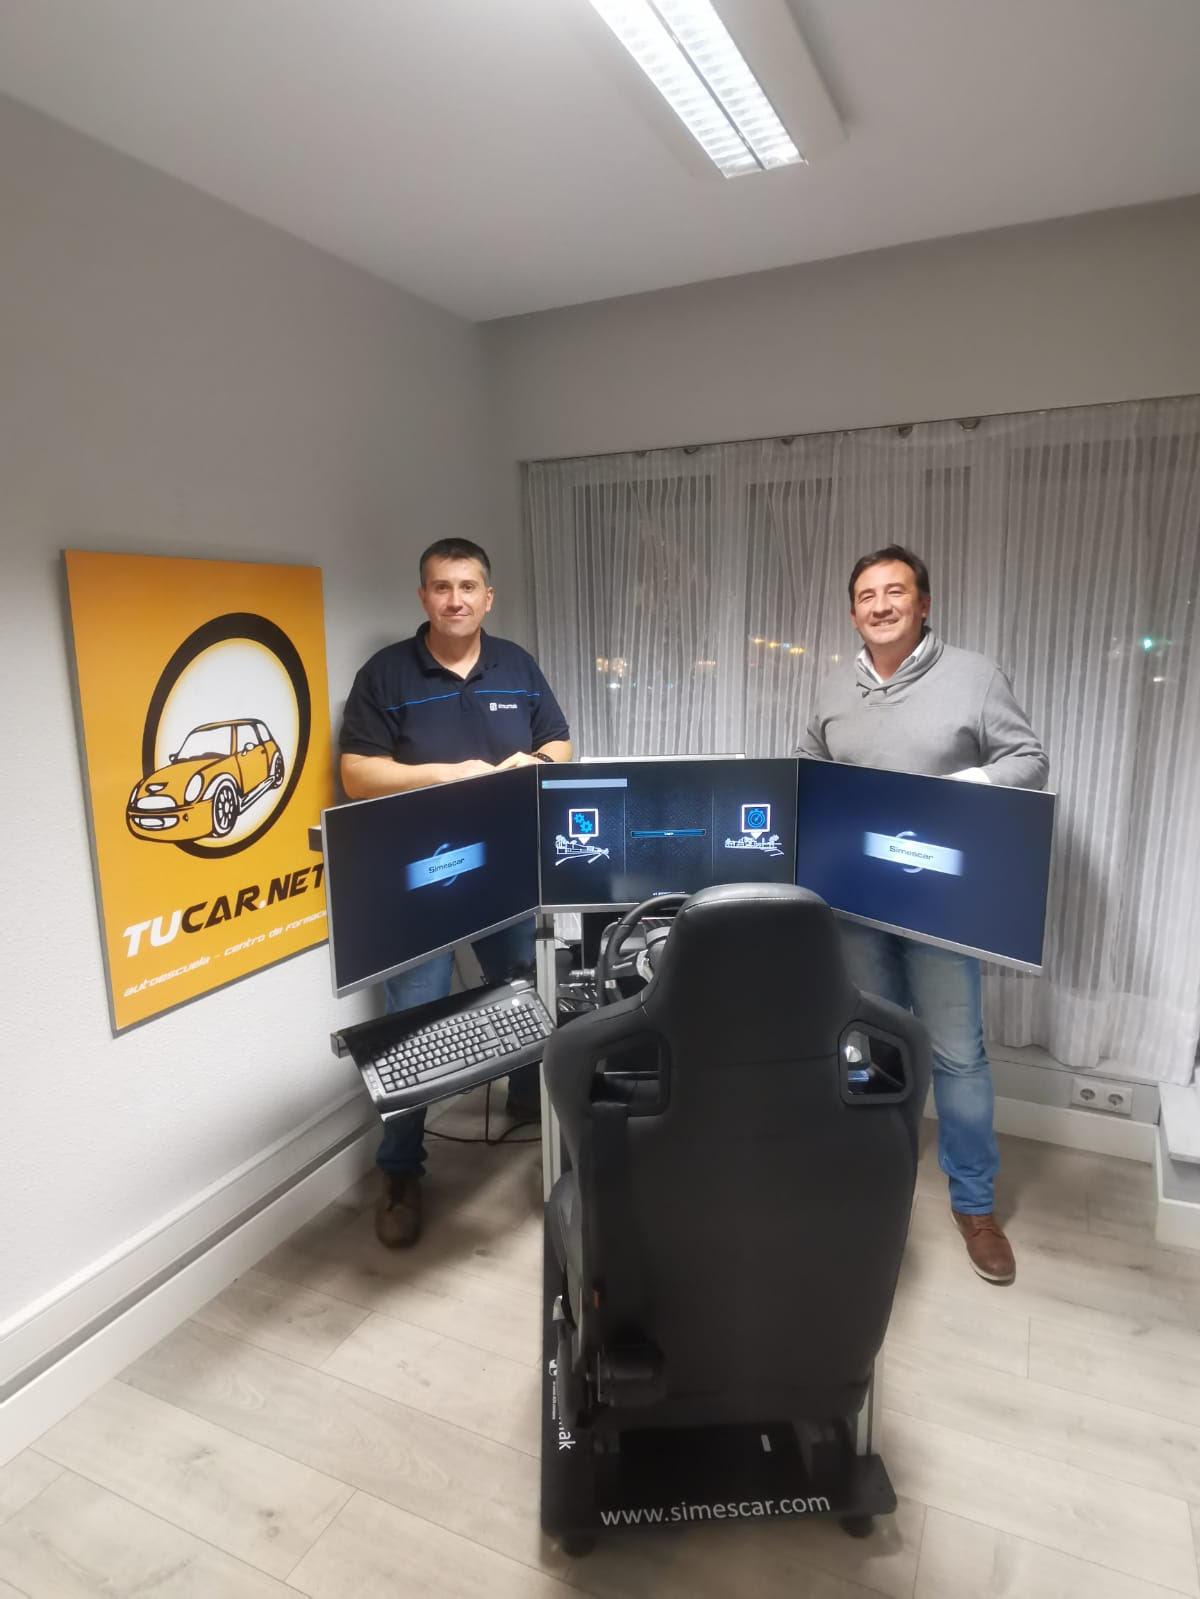 Primera instalación del simulador Simescar PPU en Irún